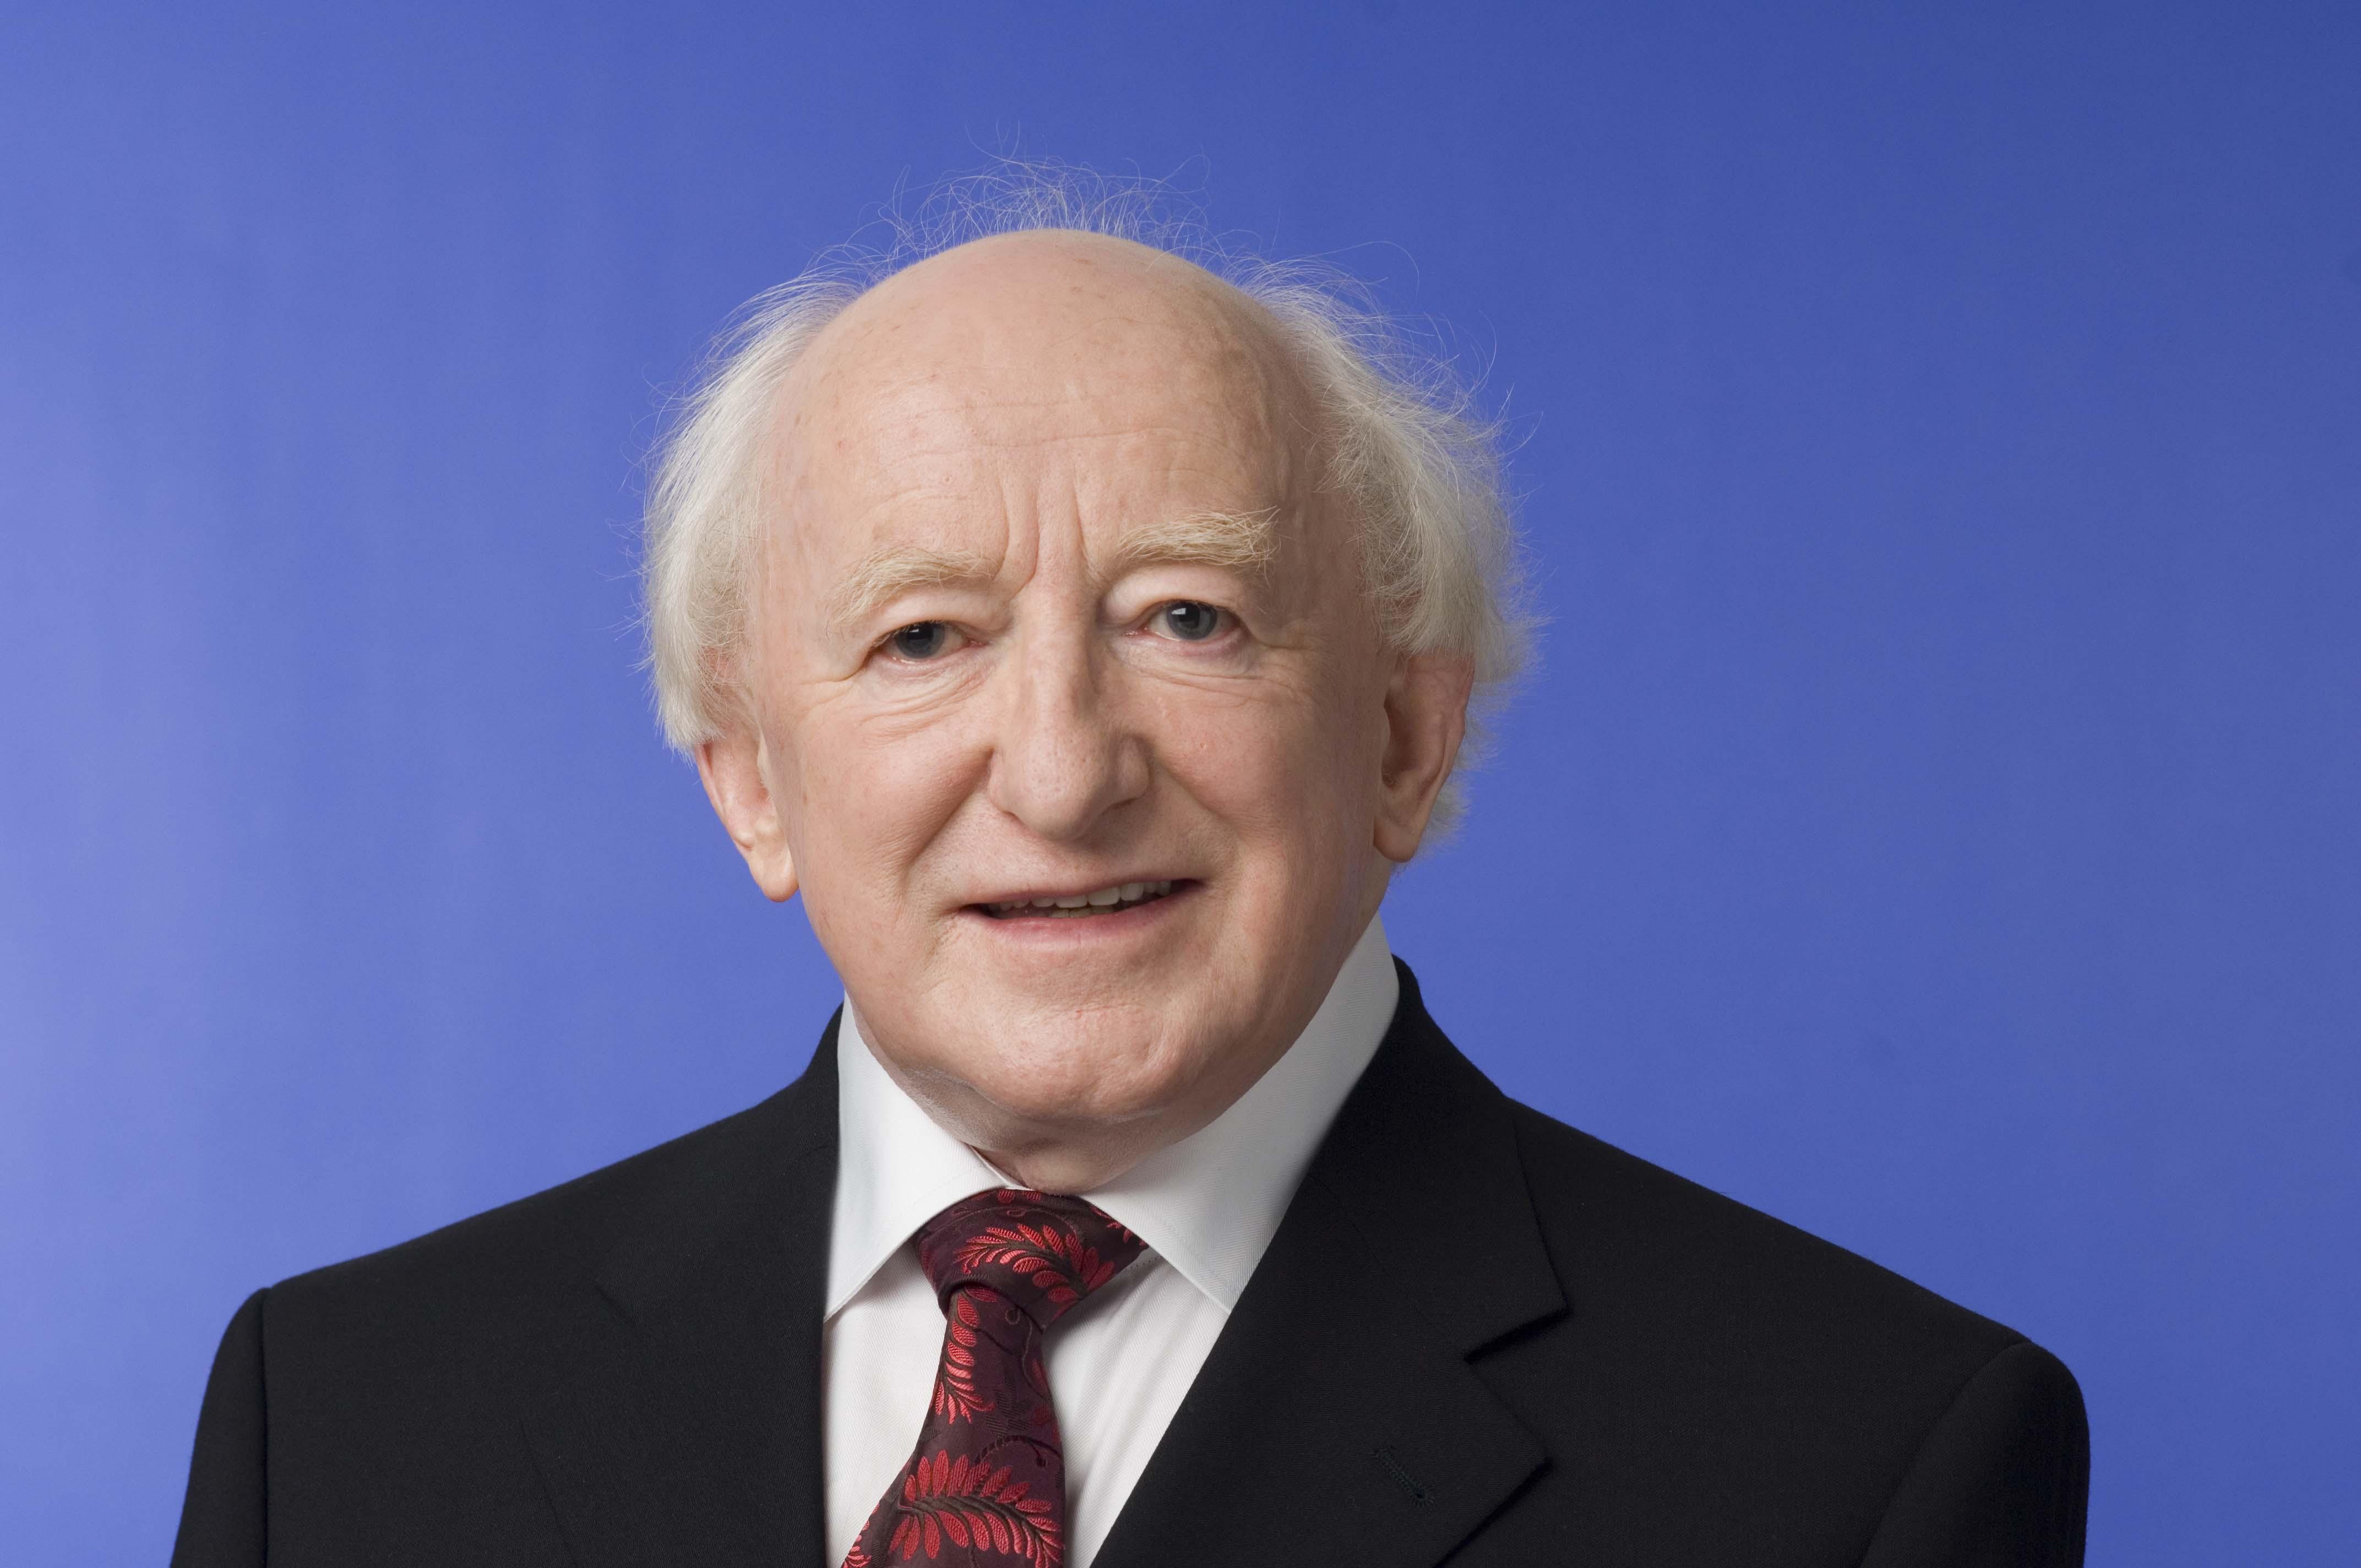 Michael D. Higgins's quote #5